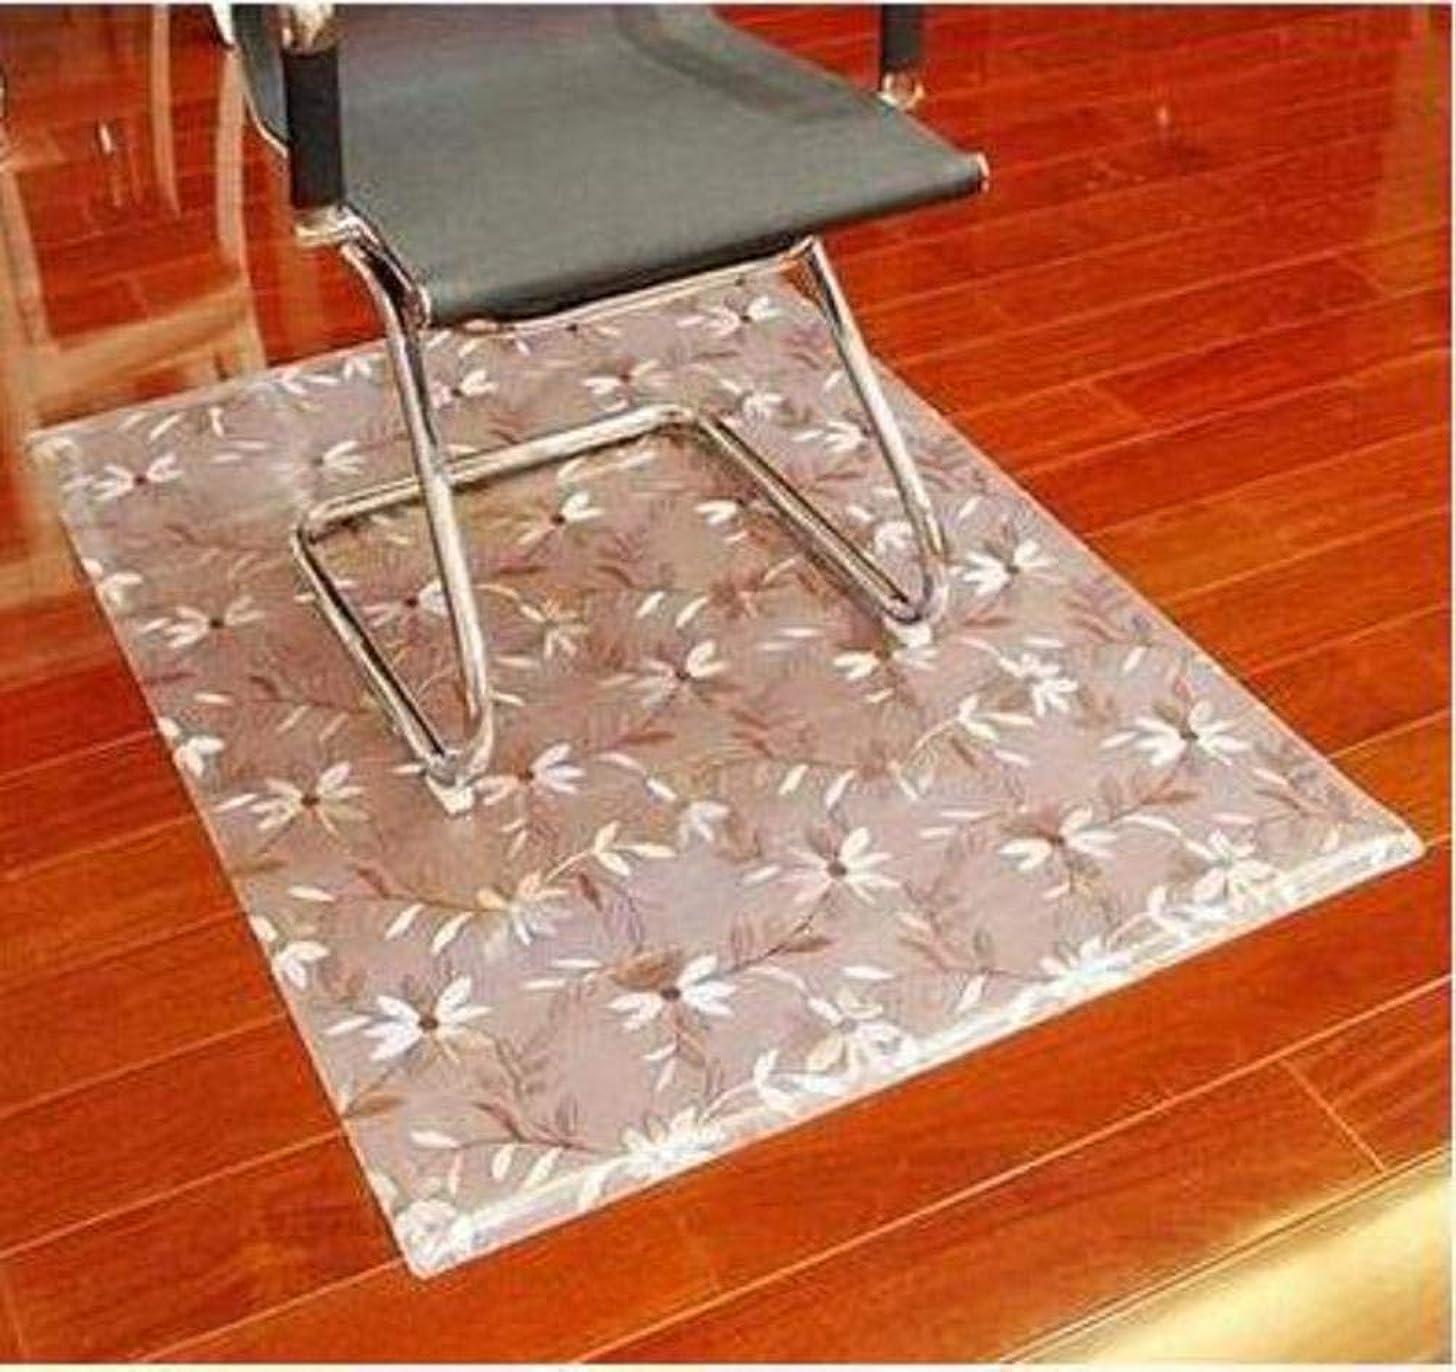 快適オーバーコート八フィギュア オフィス デスク椅子マット パッド, アンチ スリップ 透明です 多目的 テーブル クロス ホーム オフィス コンピューター -A 90x150cm(35x59inch)